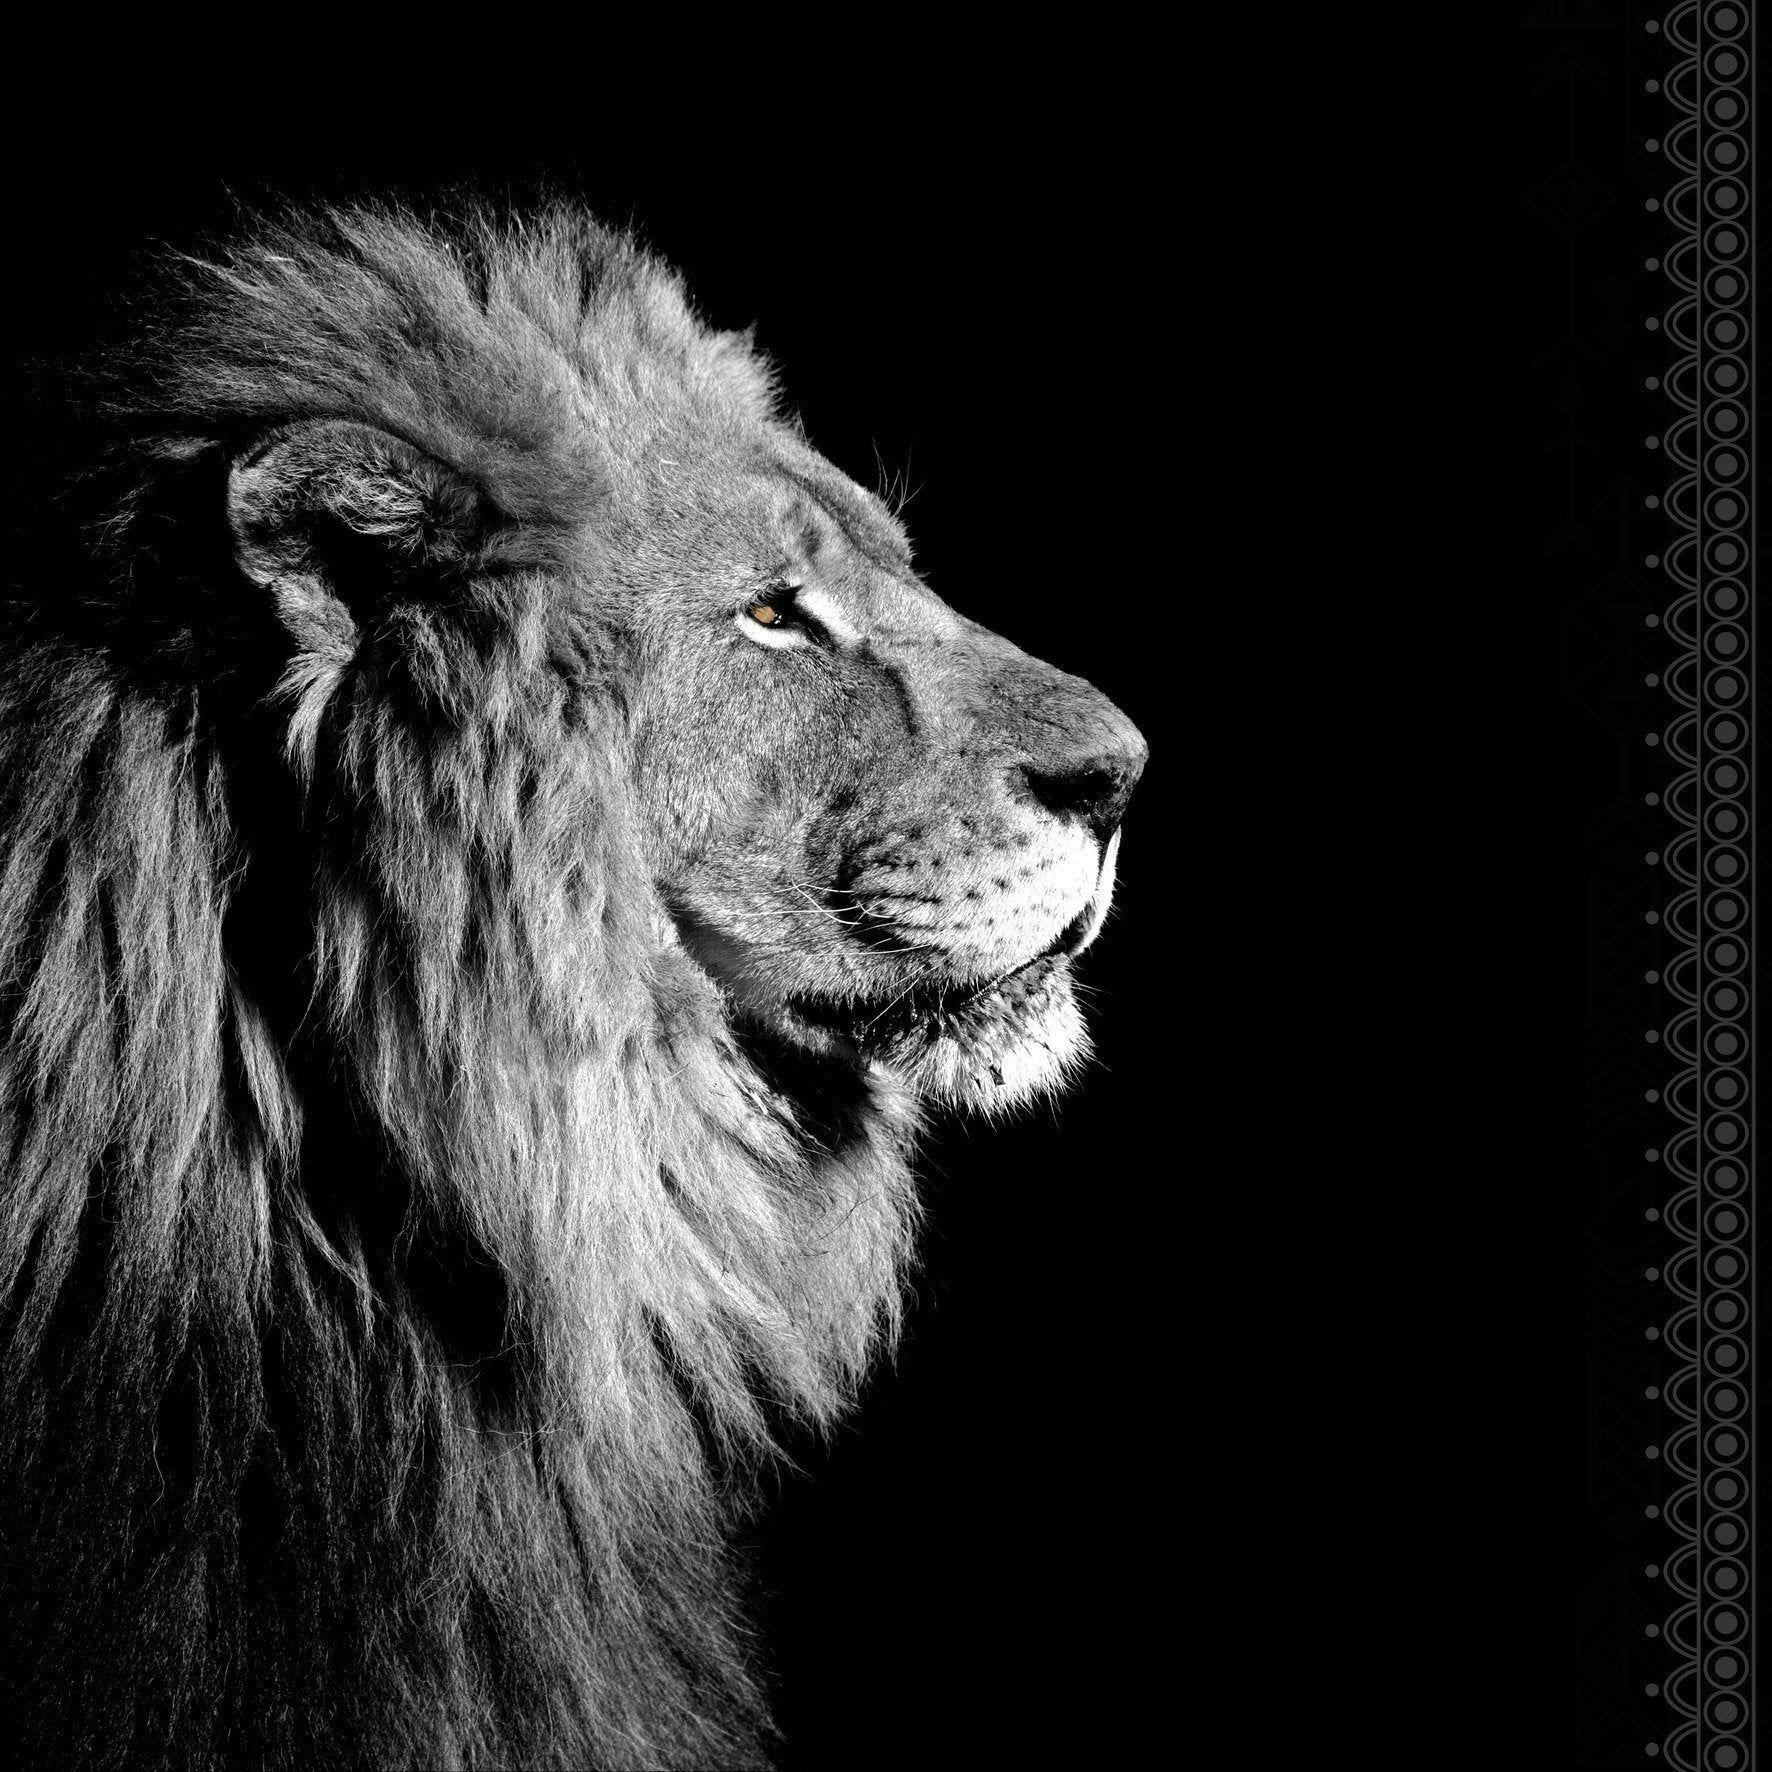 Plexiglass Imprime Noir Blanc Lion De Profil Noir Blanc Artis L 90 X H 90 Cm In 2020 Lion Photography Lion Eyes Lion Pictures